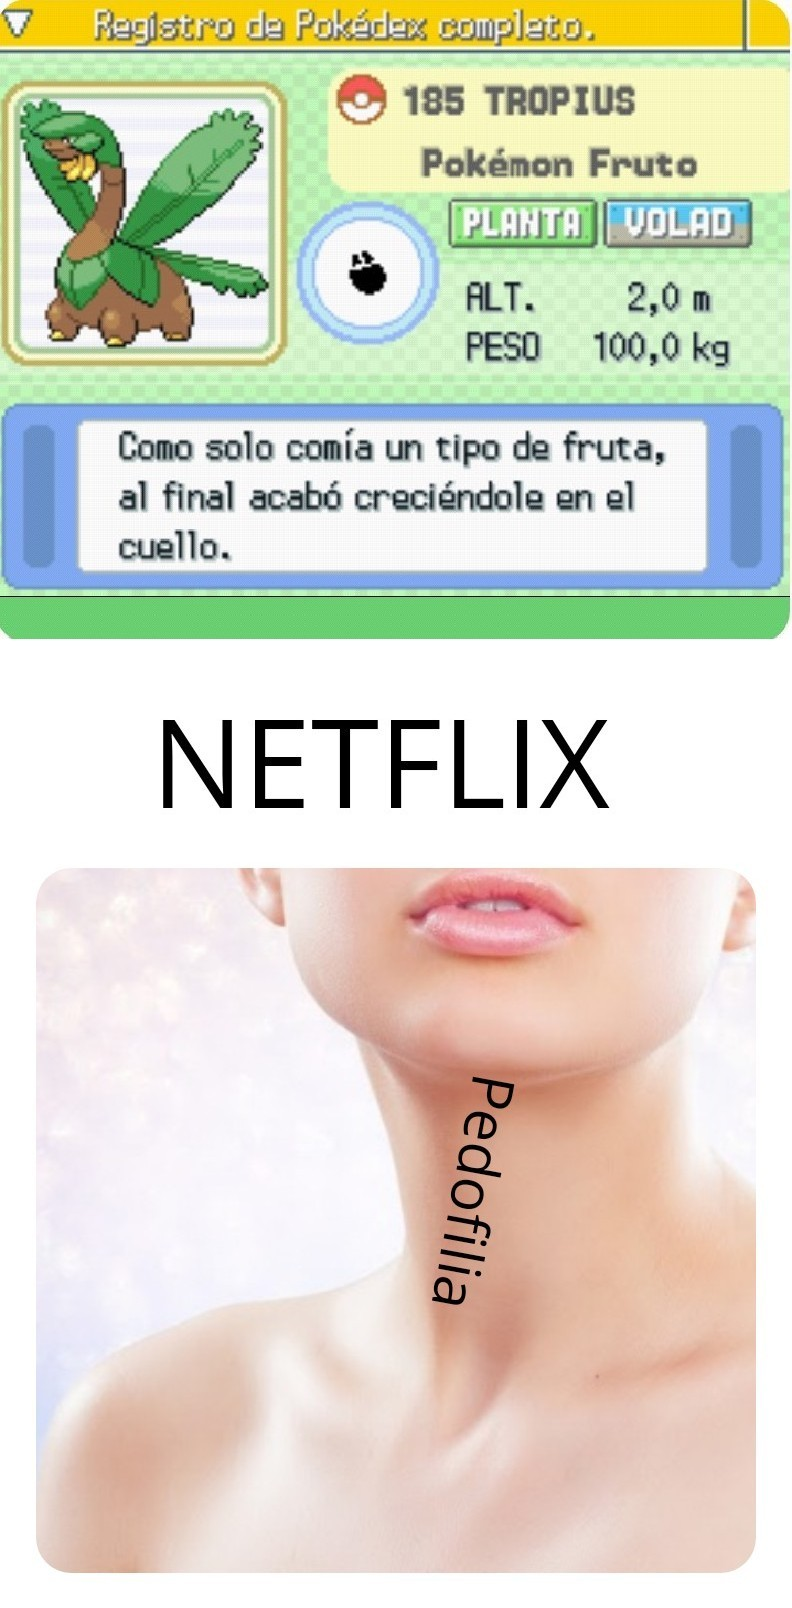 Chuleta - meme